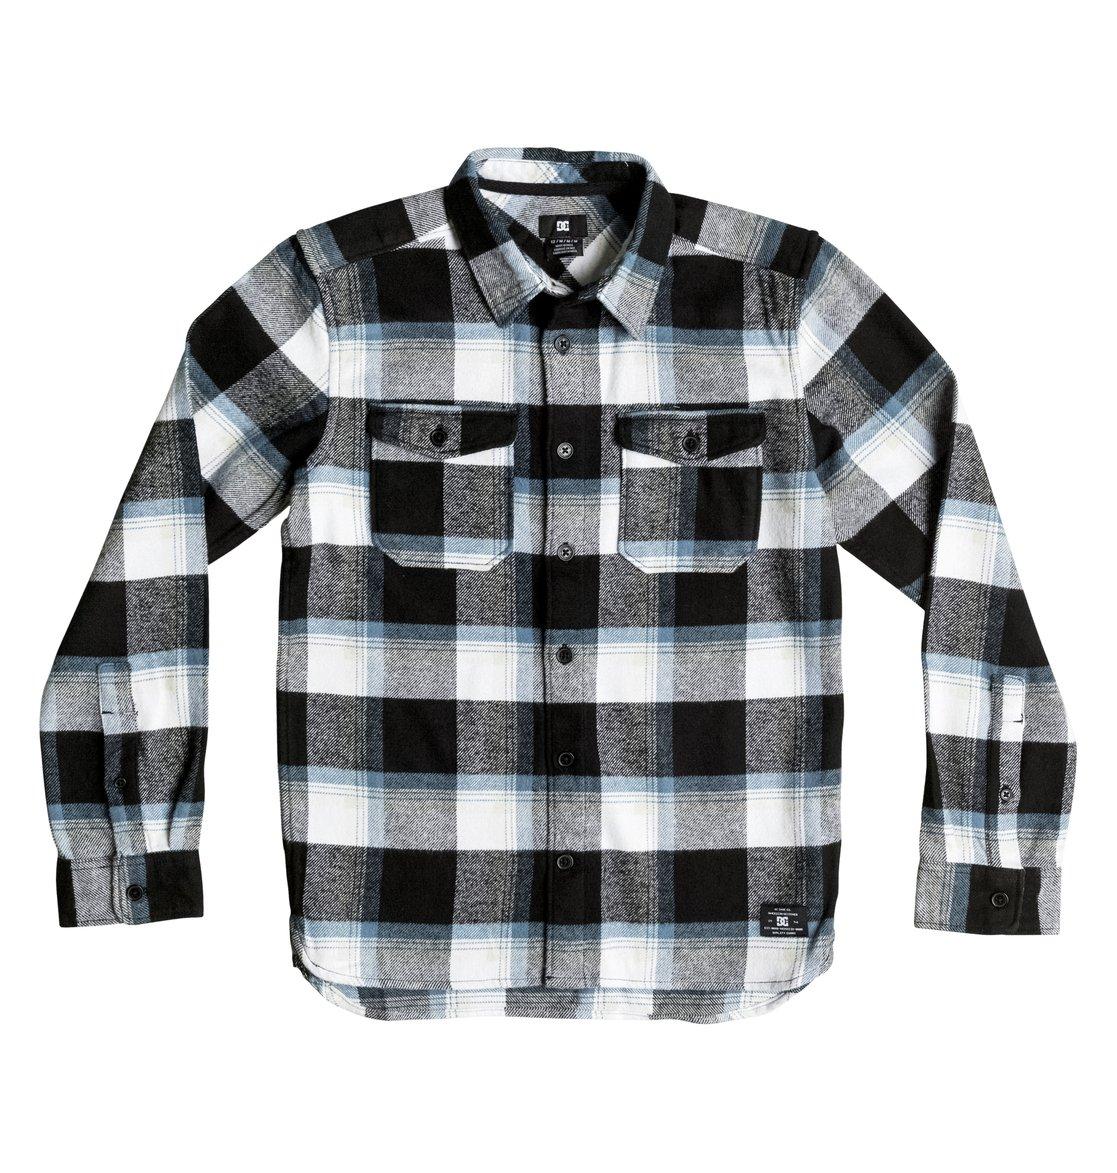 Рубашка Marsha Flannel с длинным рукавом от DC Shoes